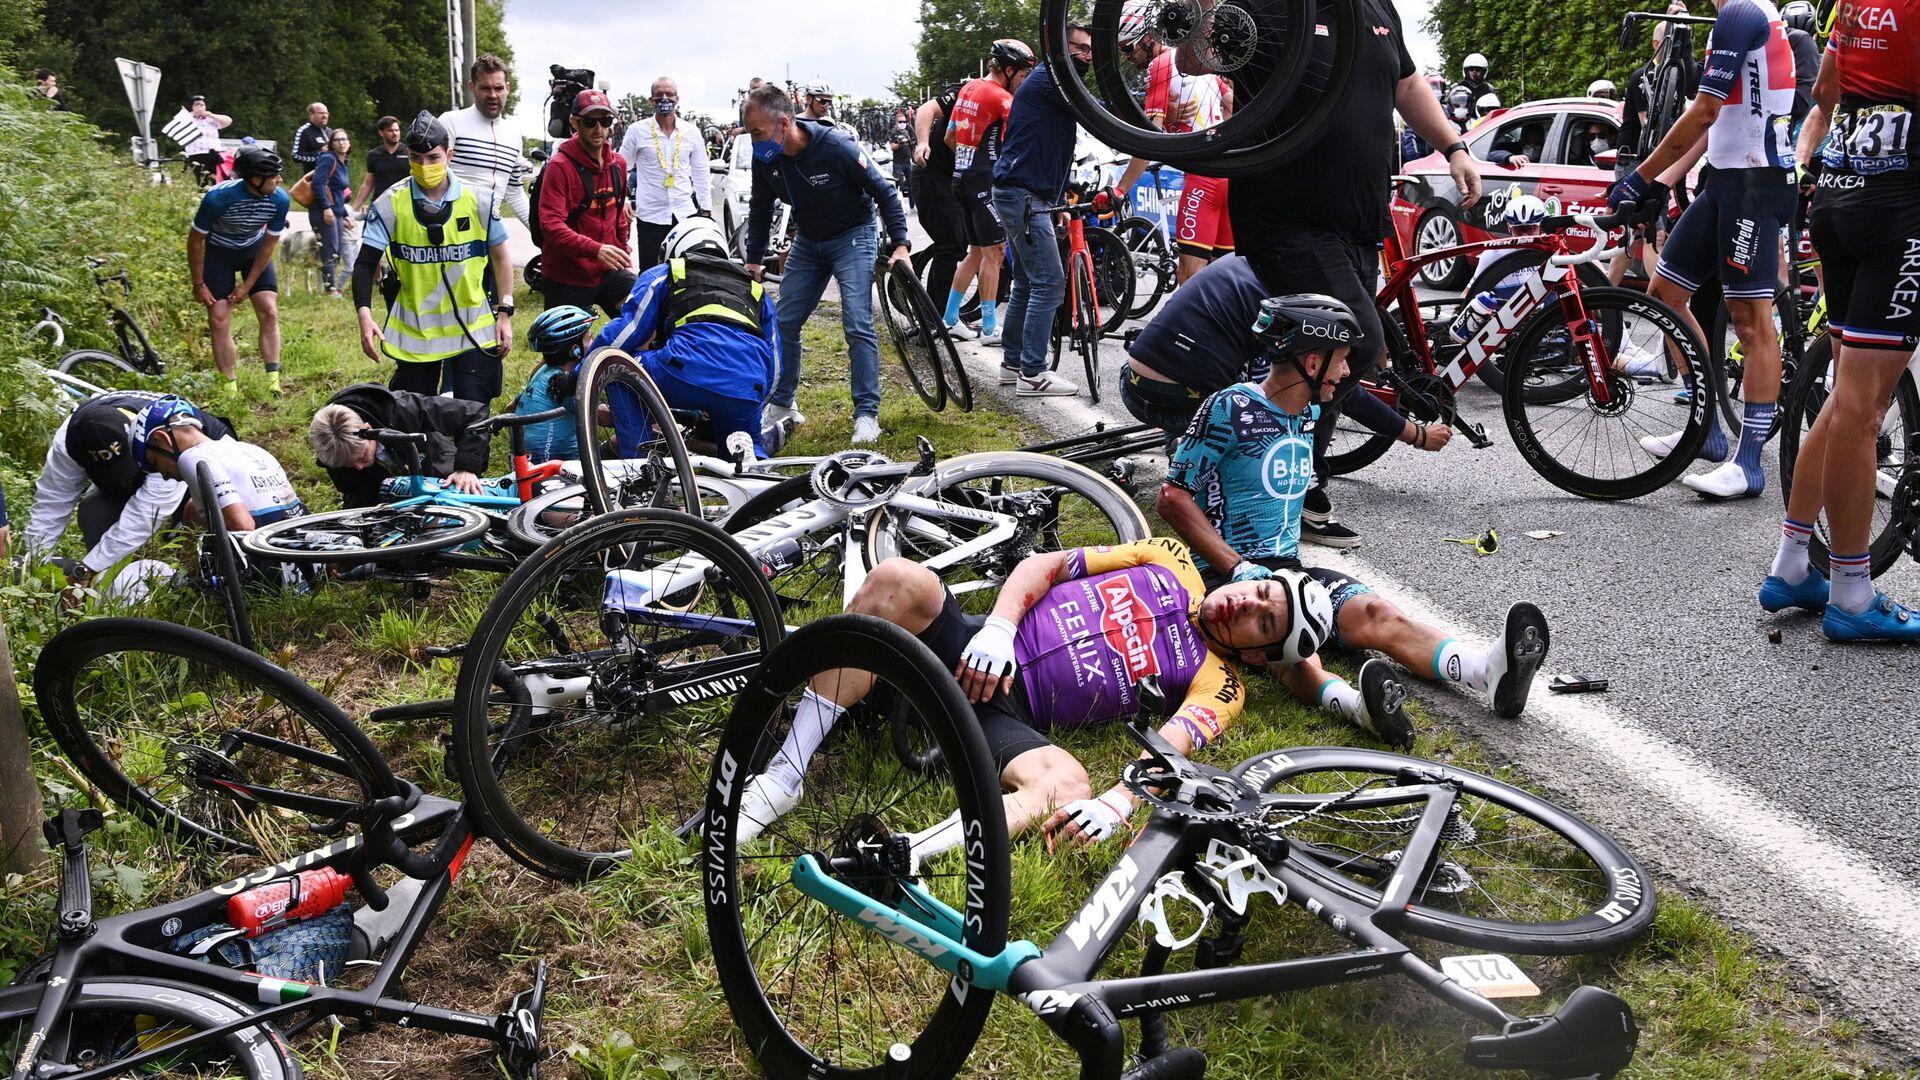 2021 Fransa Turu'nun ilk etabında kaza yapan bisikletçiler - Sputnik Türkiye, 1920, 14.10.2021